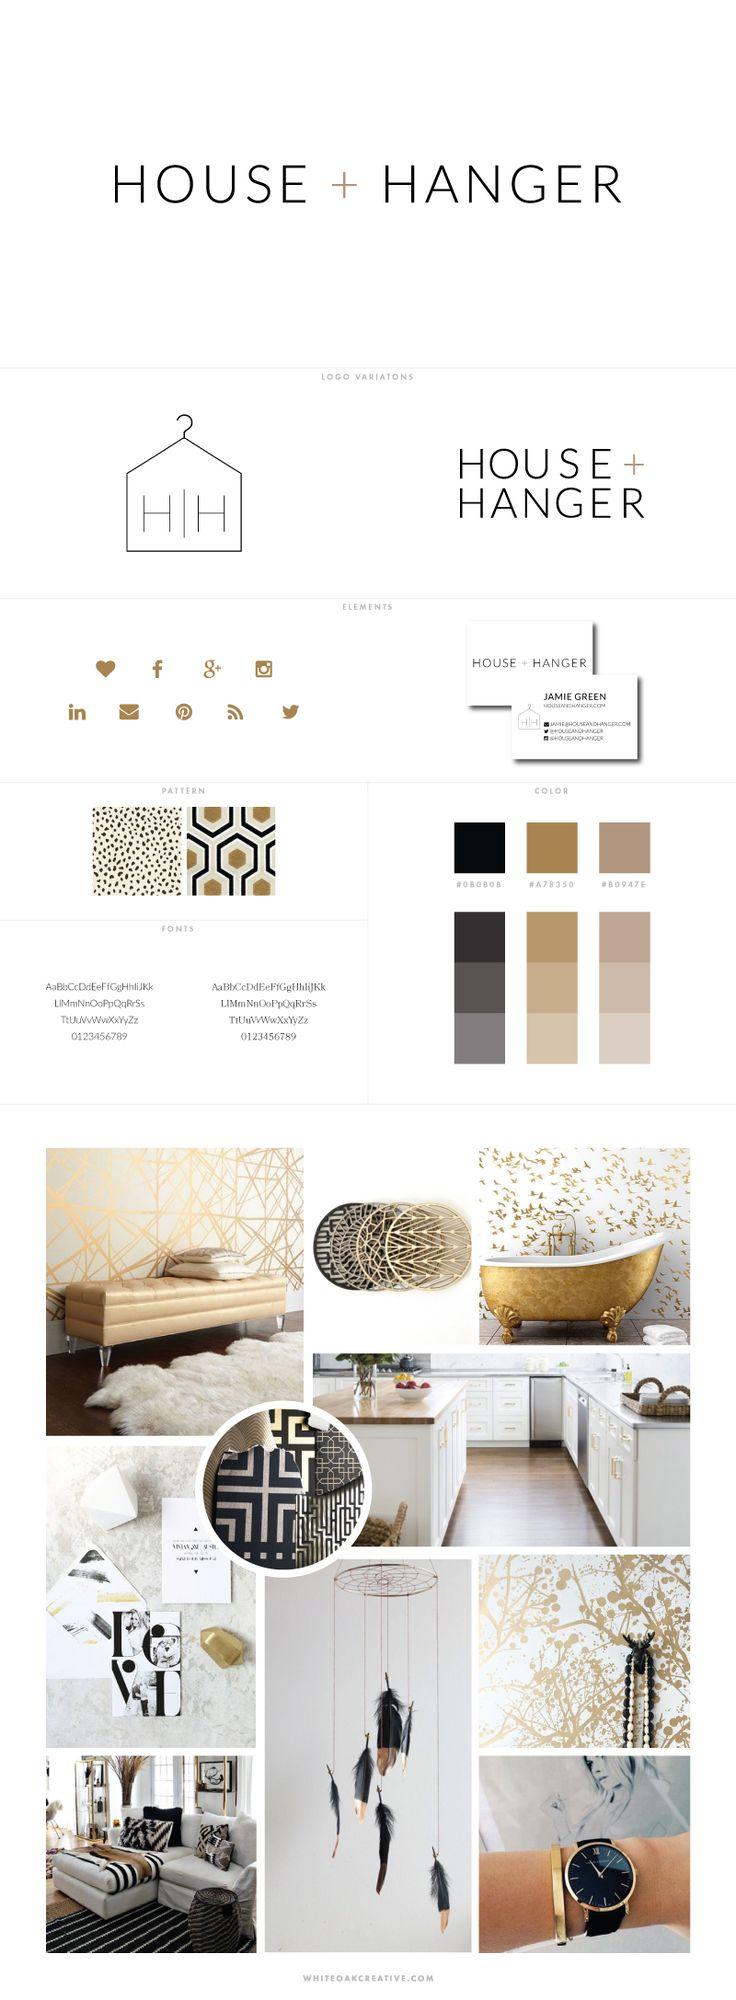 House and Hanger Blog Design by White Oak Creative, custom blog header, blog branding, wordpress blog design, custom blog design, affordable blog design